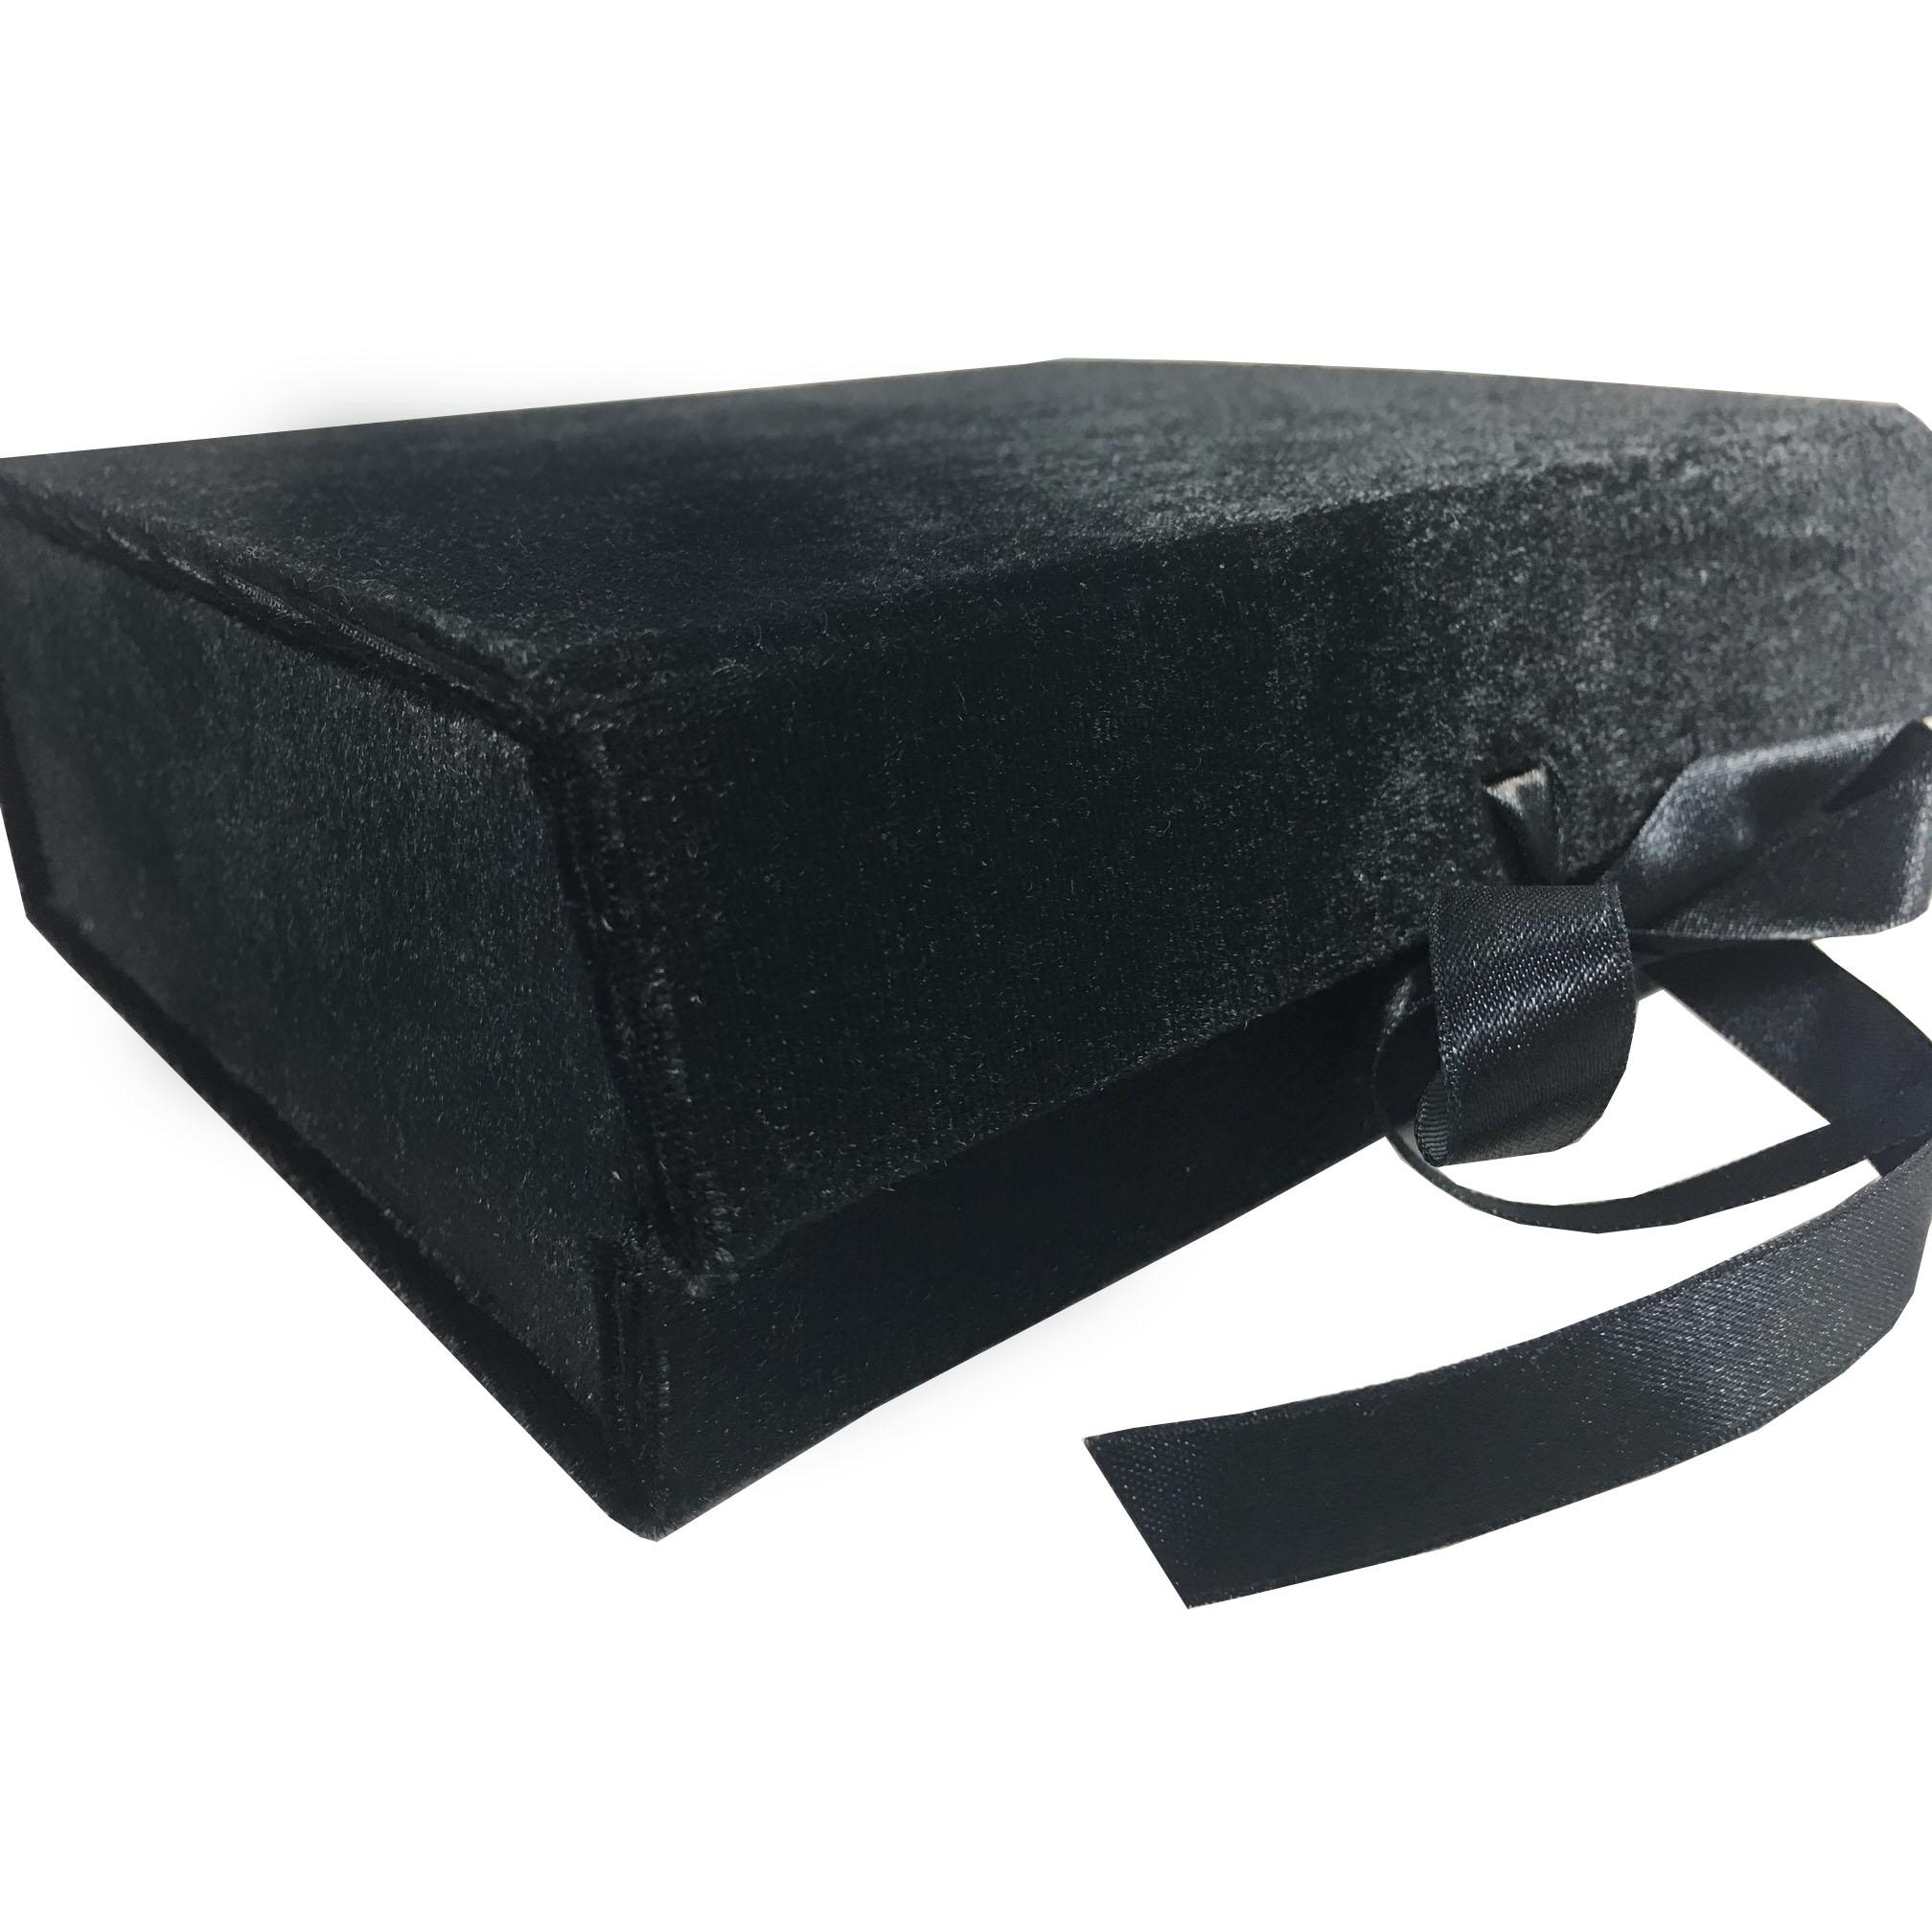 Quality velvet packaging box